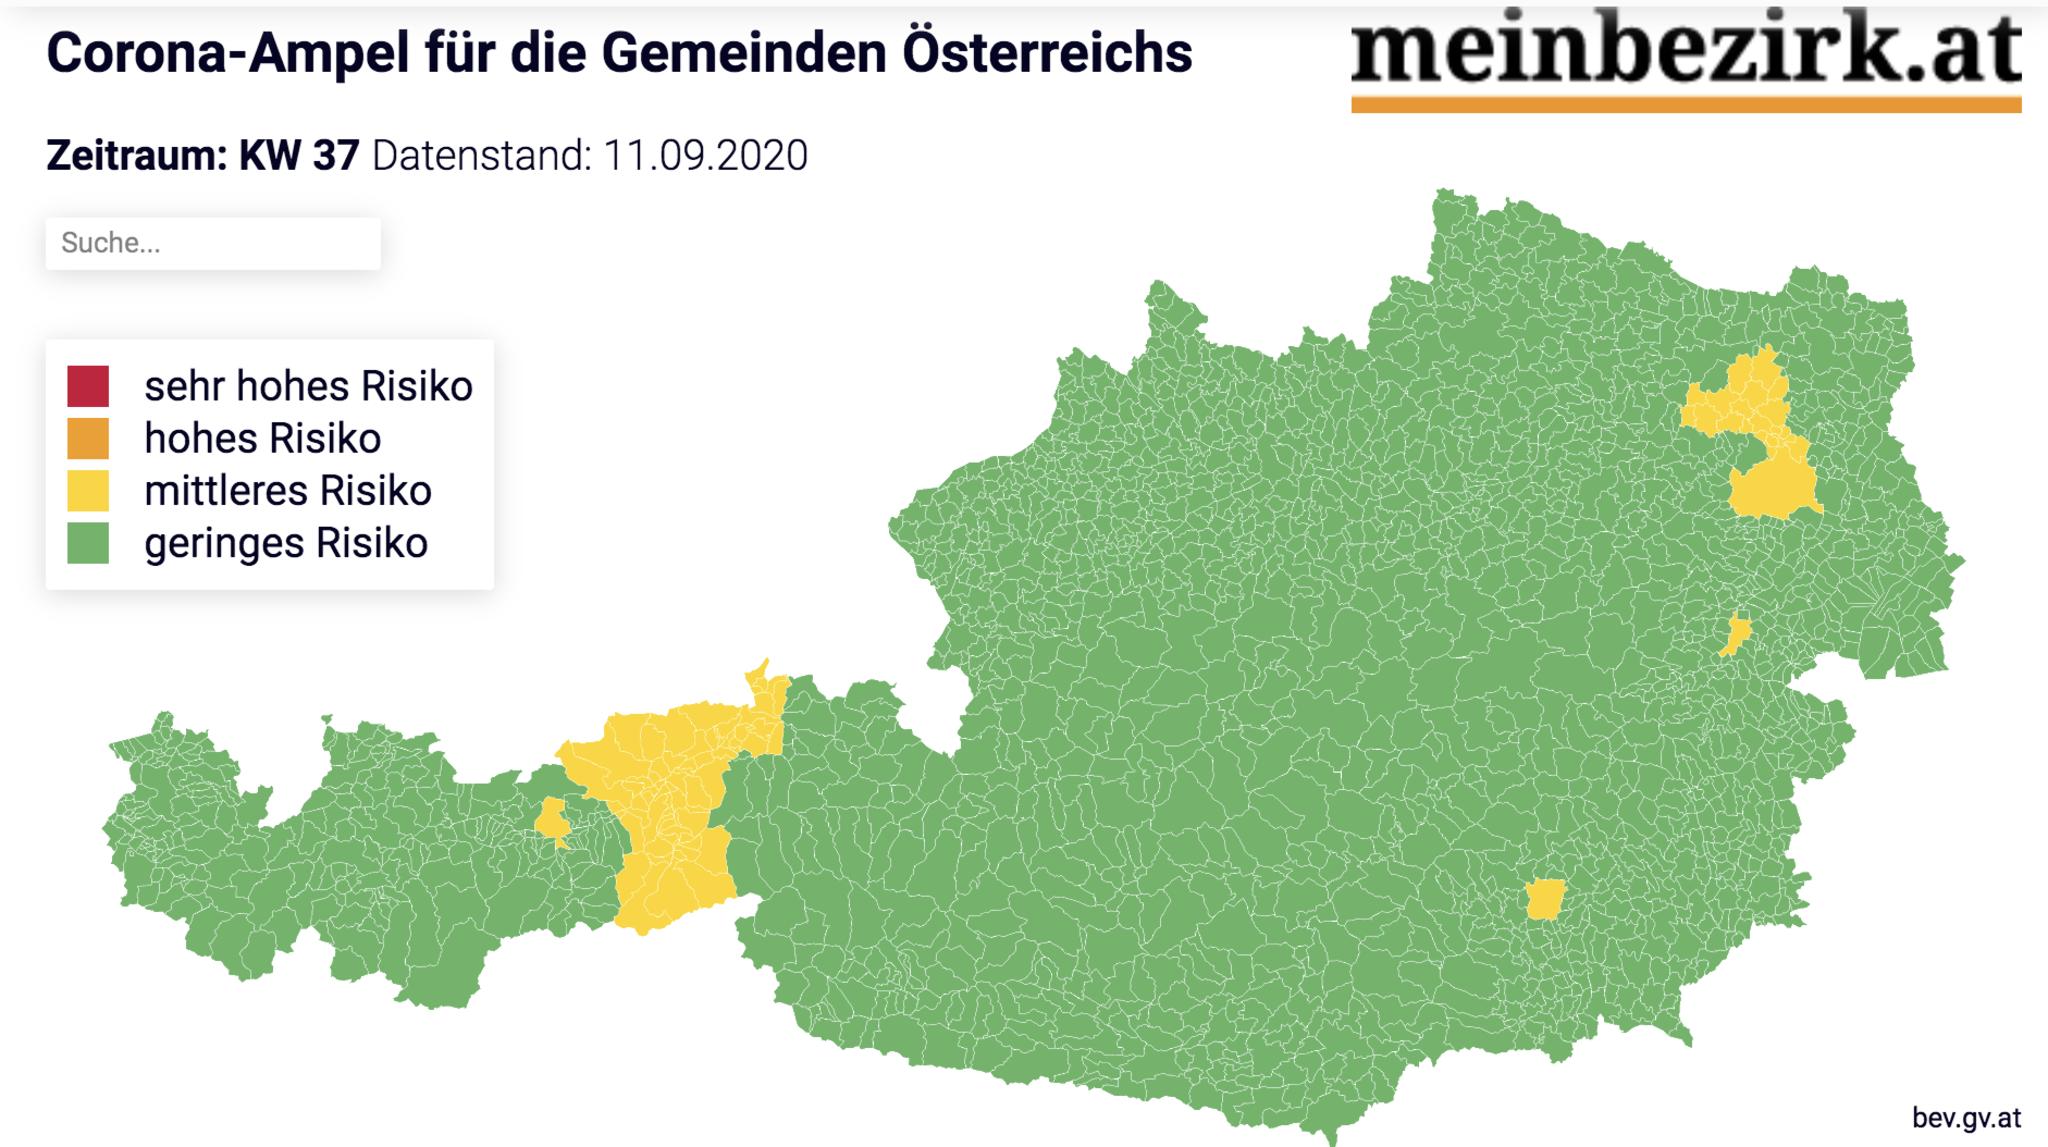 Diese Bezirke In Osterreich Sind Rot Die Corona Ampel Als Online Karte Mit Suchfunktion Fur Die Coronavirus Lage Deinem Bezirk